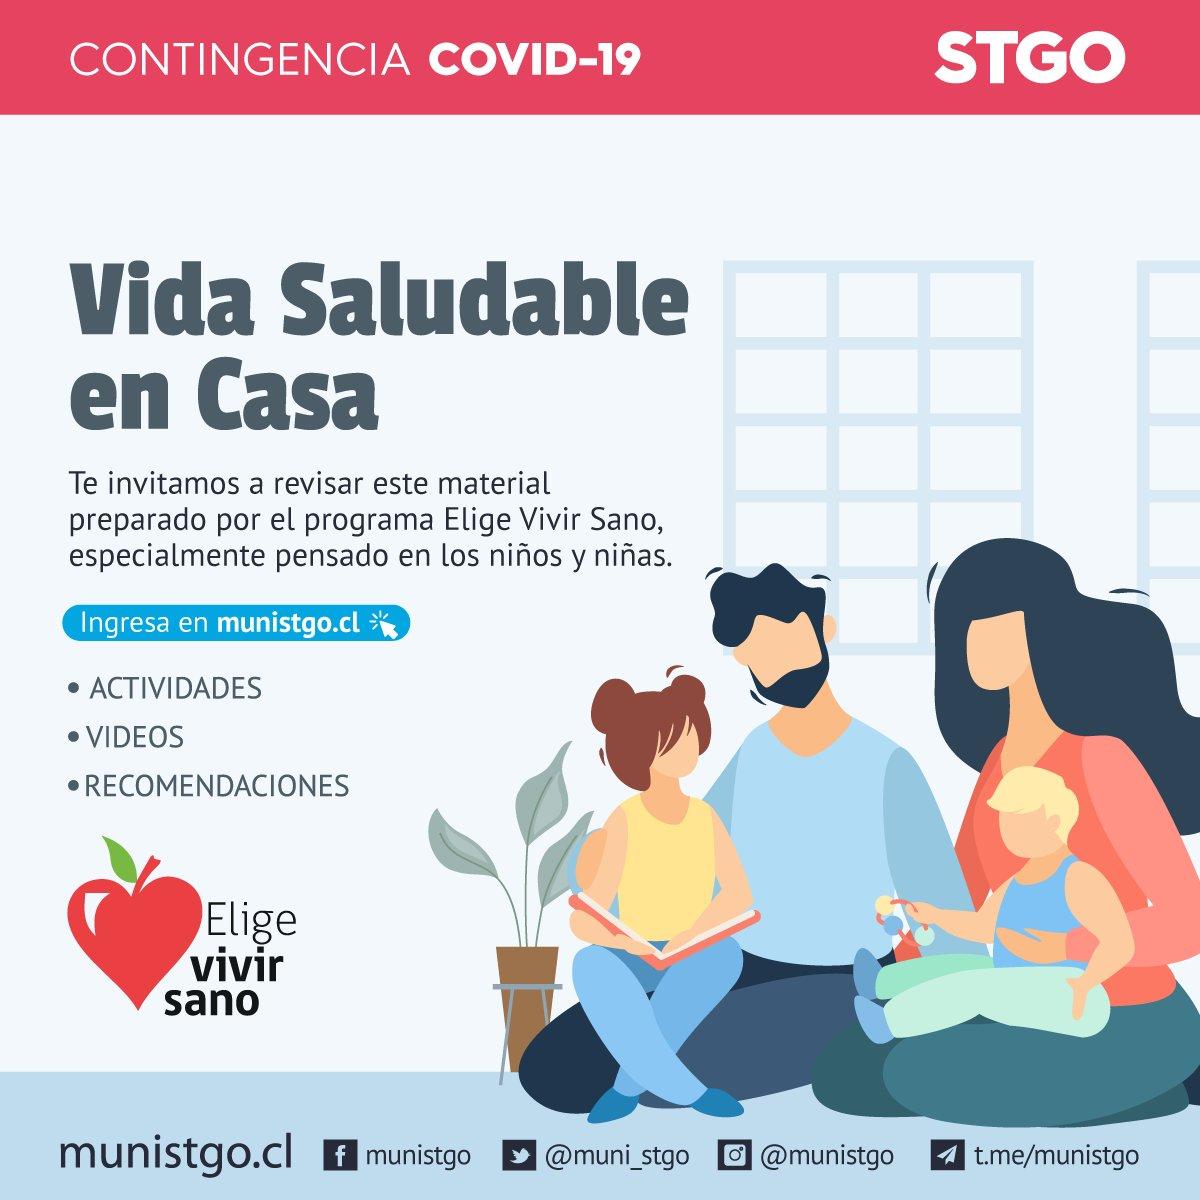 #Santiago: Te invitamos a revisar el material preparado por  @EligeVivirSano, especialmente pensado en los niños y niñas, en el marco de esta crisis sanitaria. Podrás ver recomendaciones, recetas, actividades y ejercicios para realizar en casa. http://www.munistgo.cl/vida-saludable-en-casa/…pic.twitter.com/JkNpxRbEOq